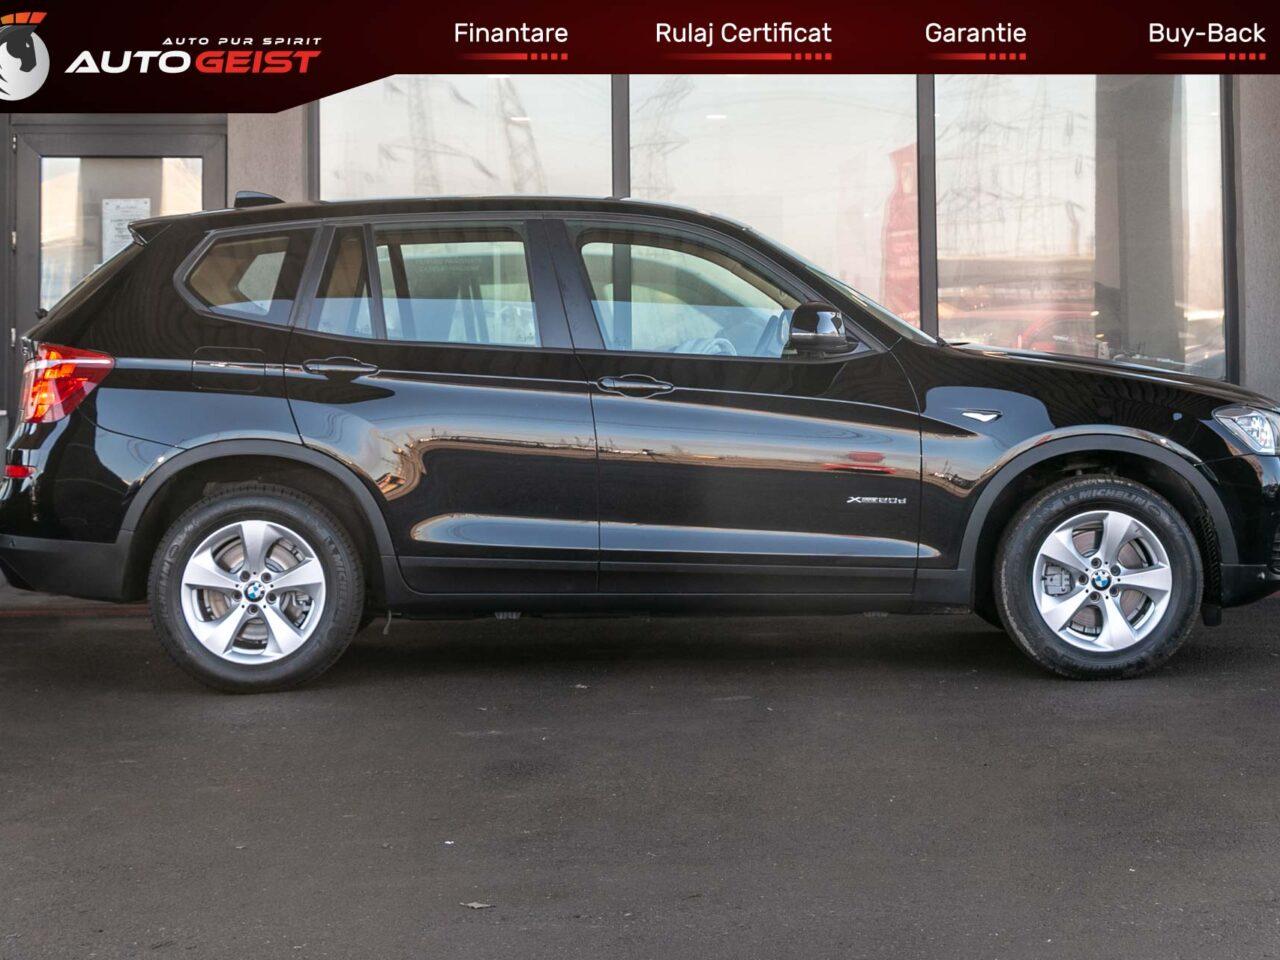 BMW-X3-xDrive-automata-3375